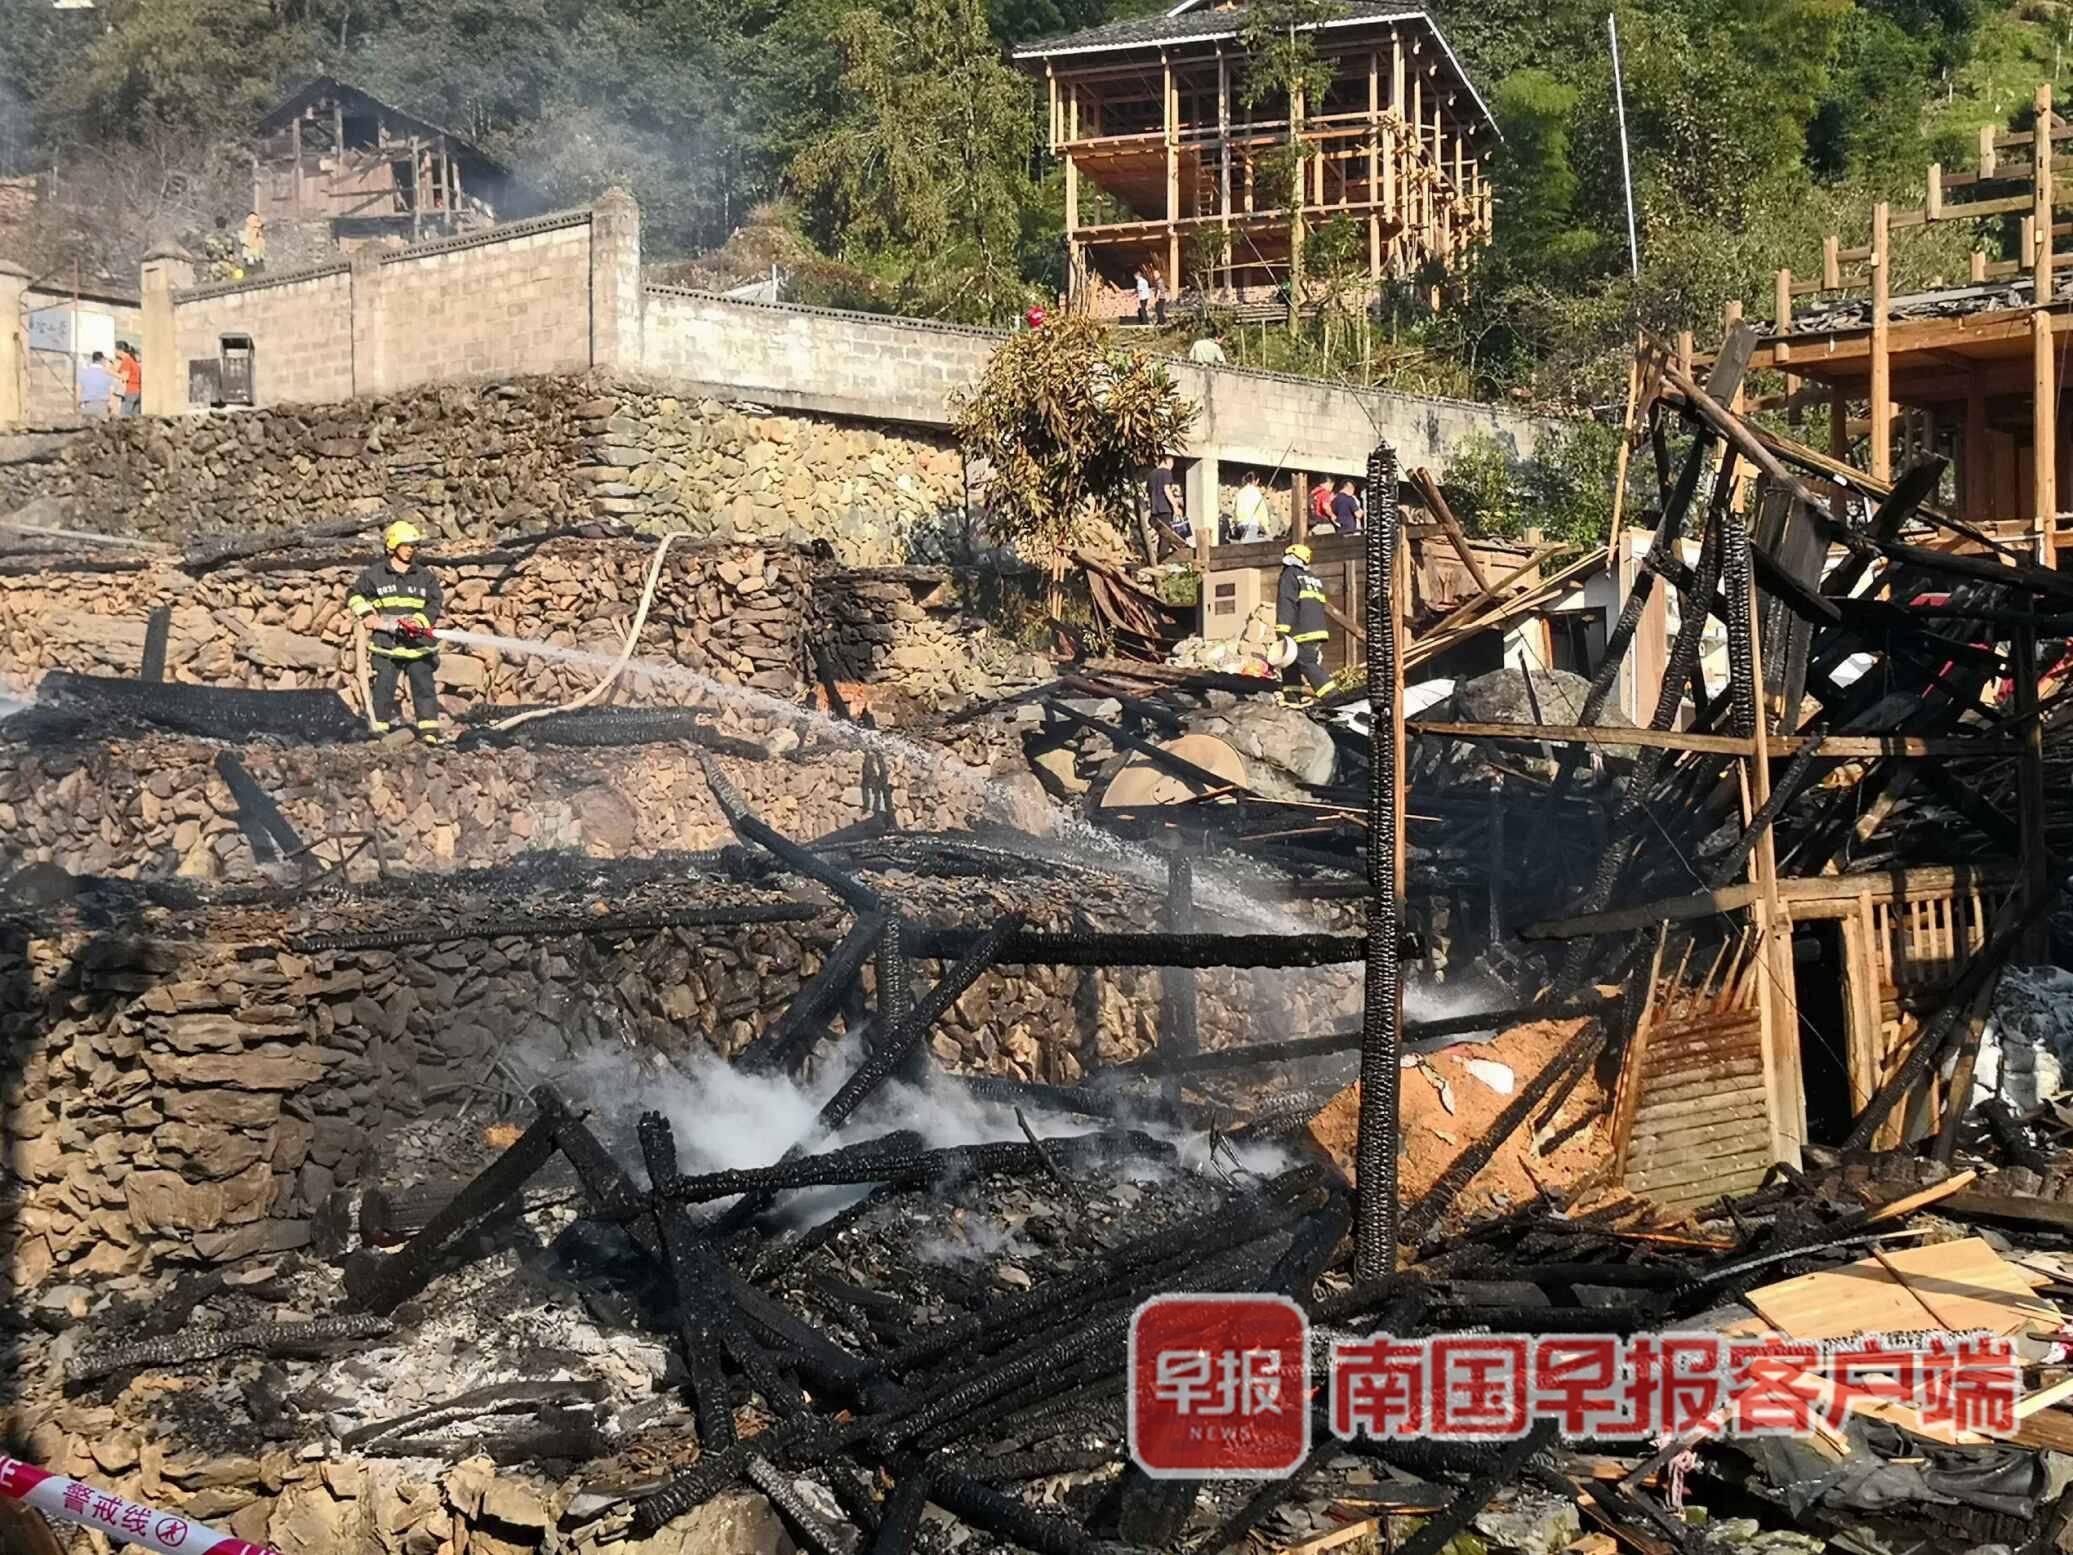 广西龙脊梯田火灾致37户被毁 嫌犯涉失火罪被批捕